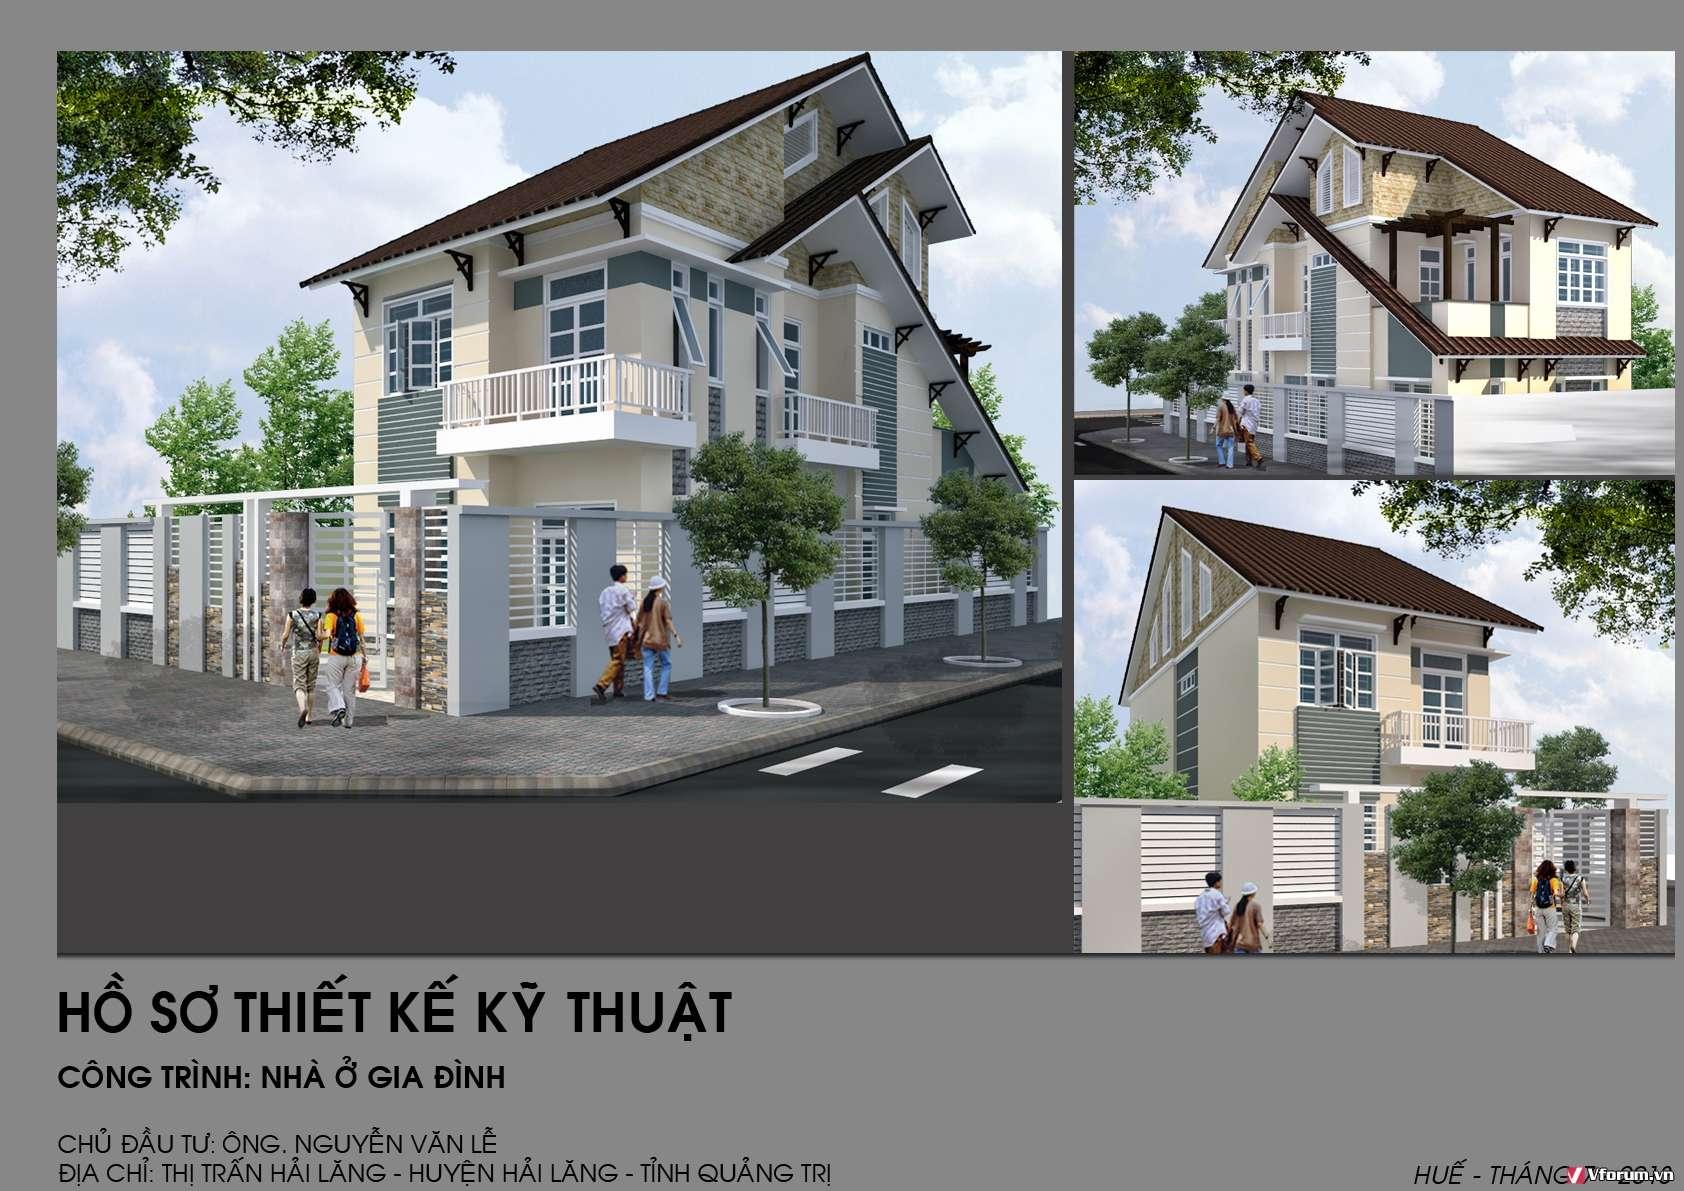 Kiến trúc sư - Tư vấn thiết kế, Lập hồ sơ xin phép xây dựng - Nhà ở - Ctrinh dân dụng